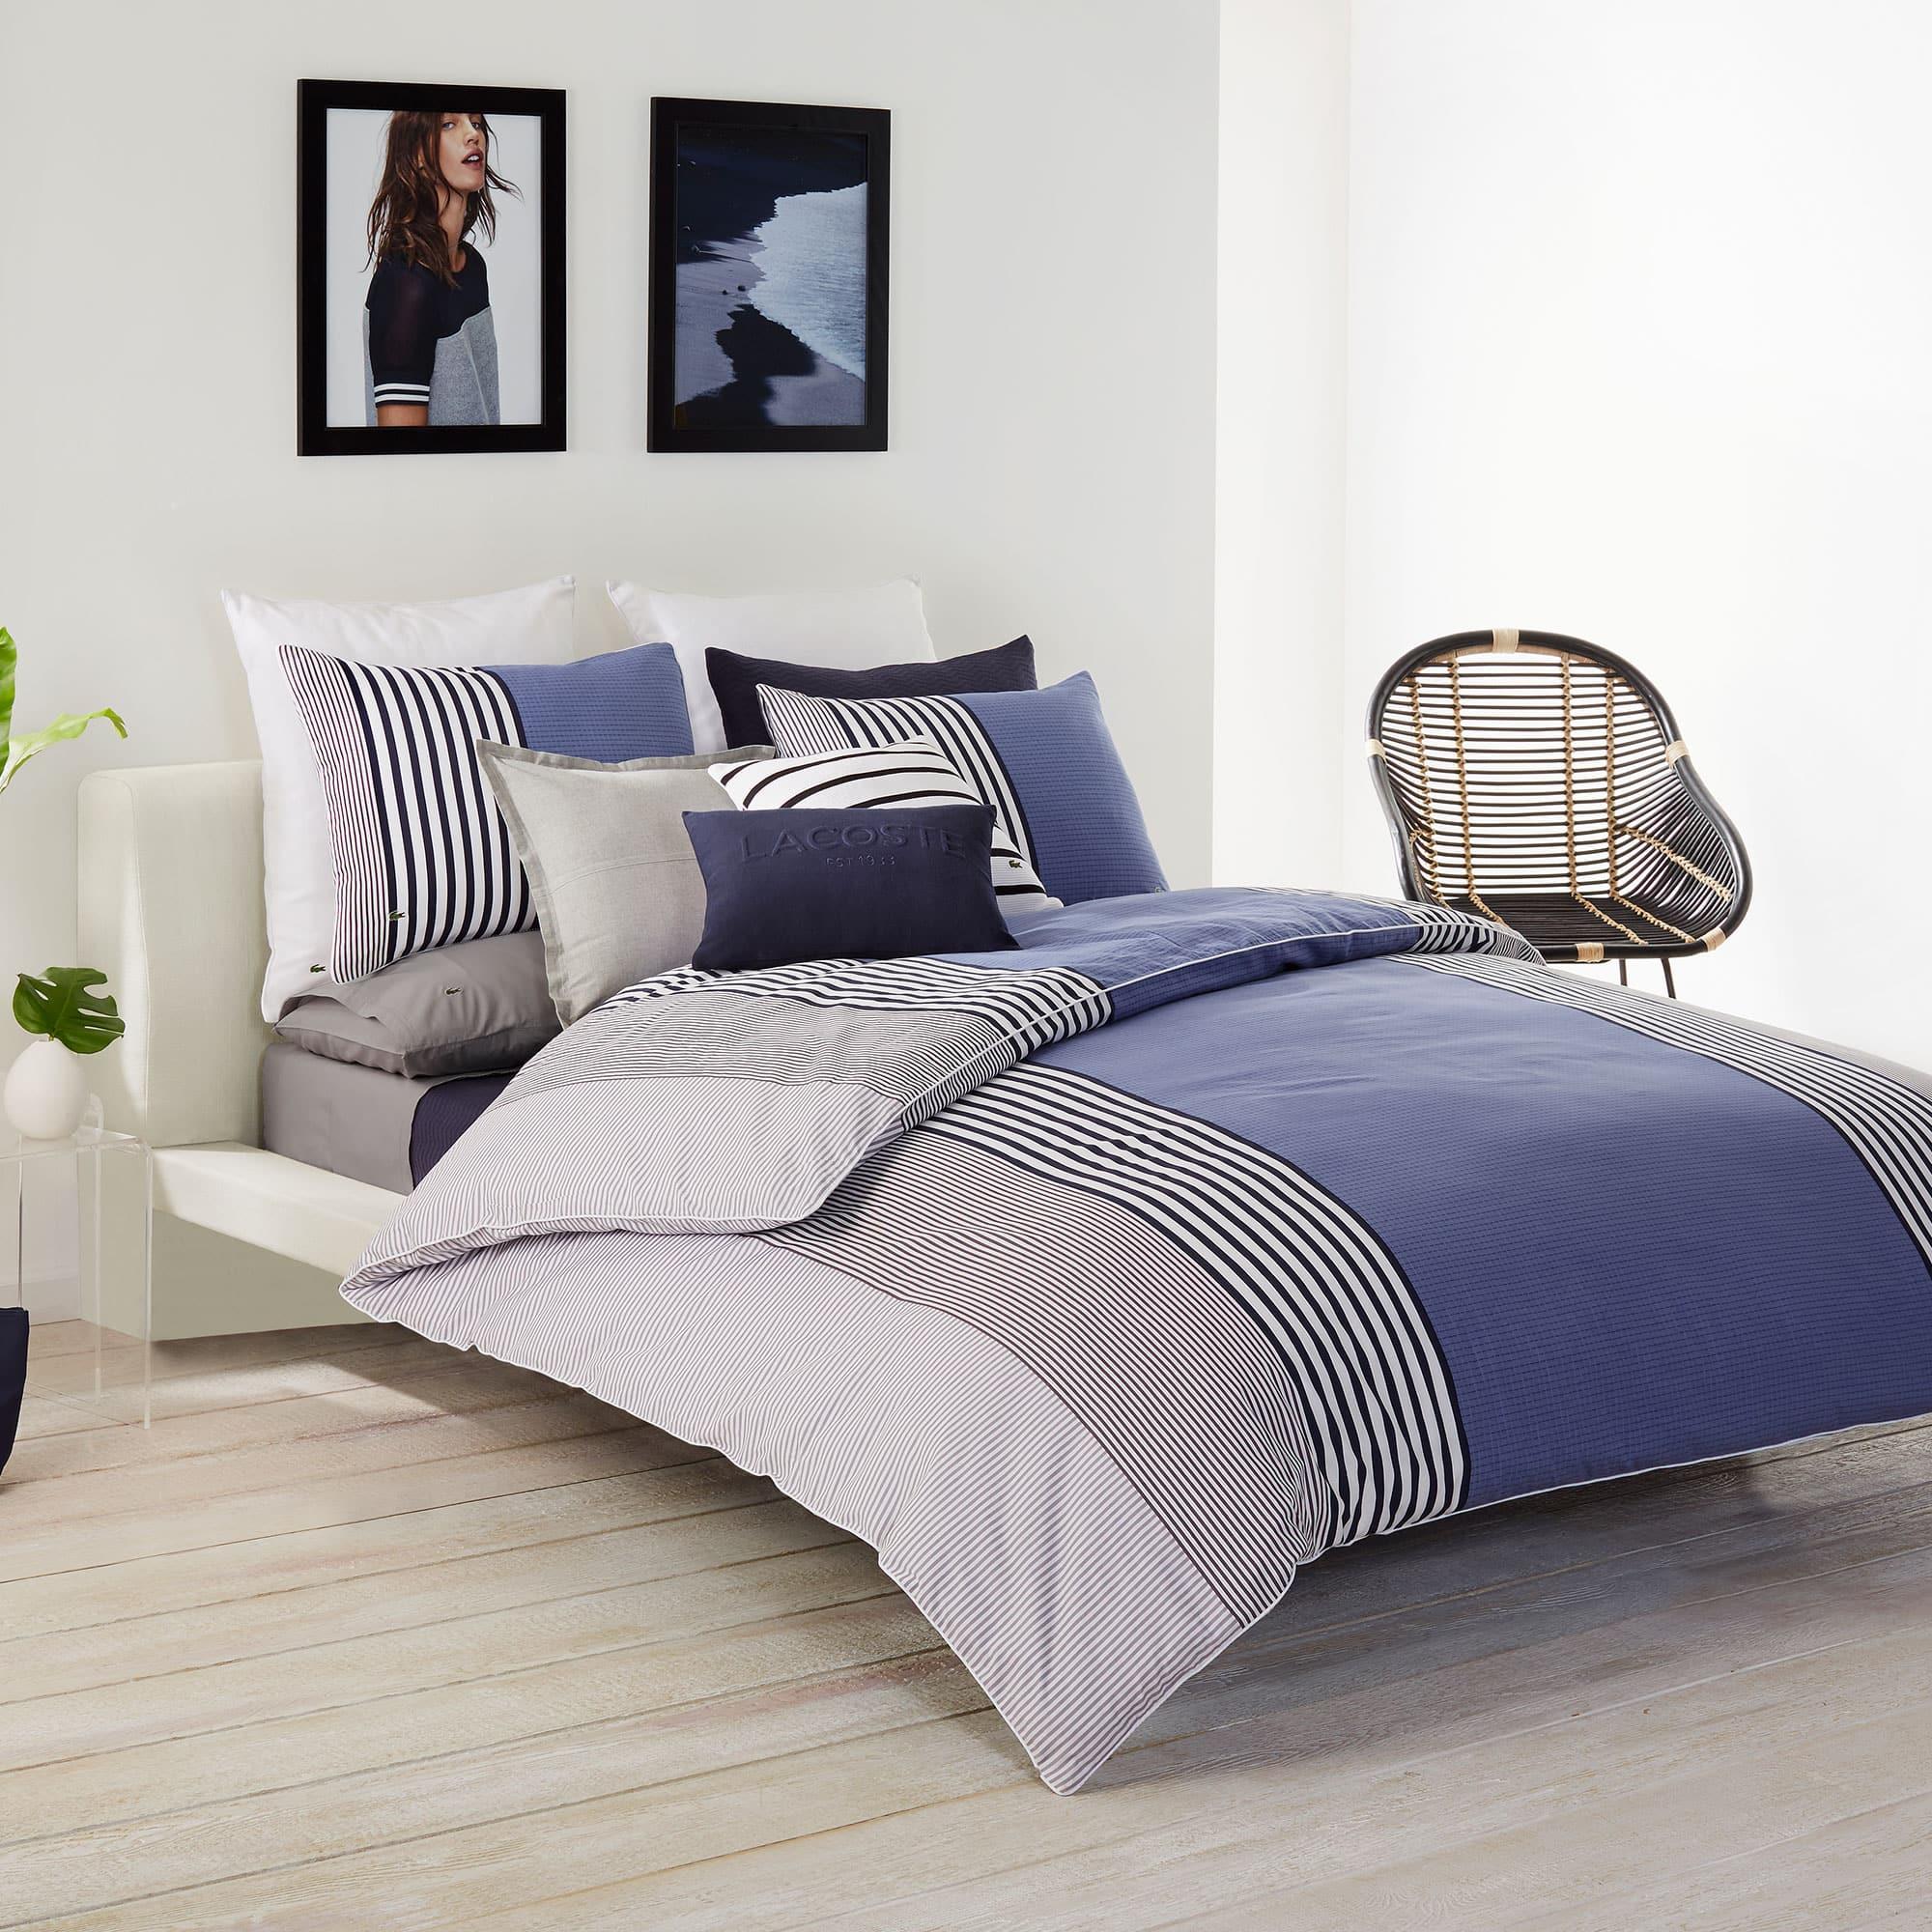 Meribel Full/Queen Comforter Set